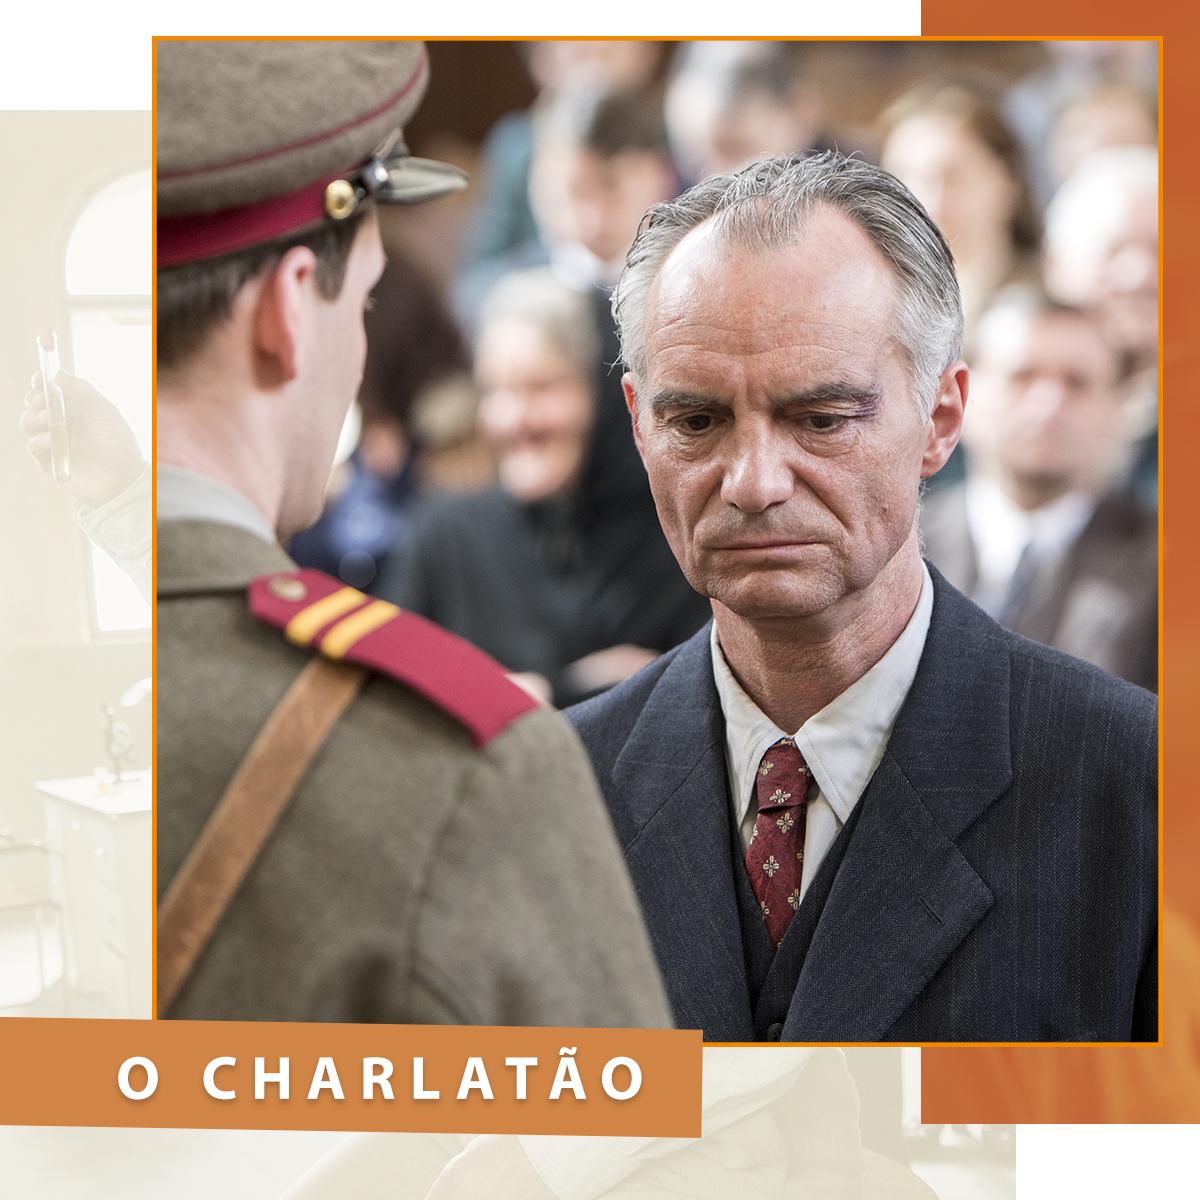 Stills-PAG 1-OCharlatao